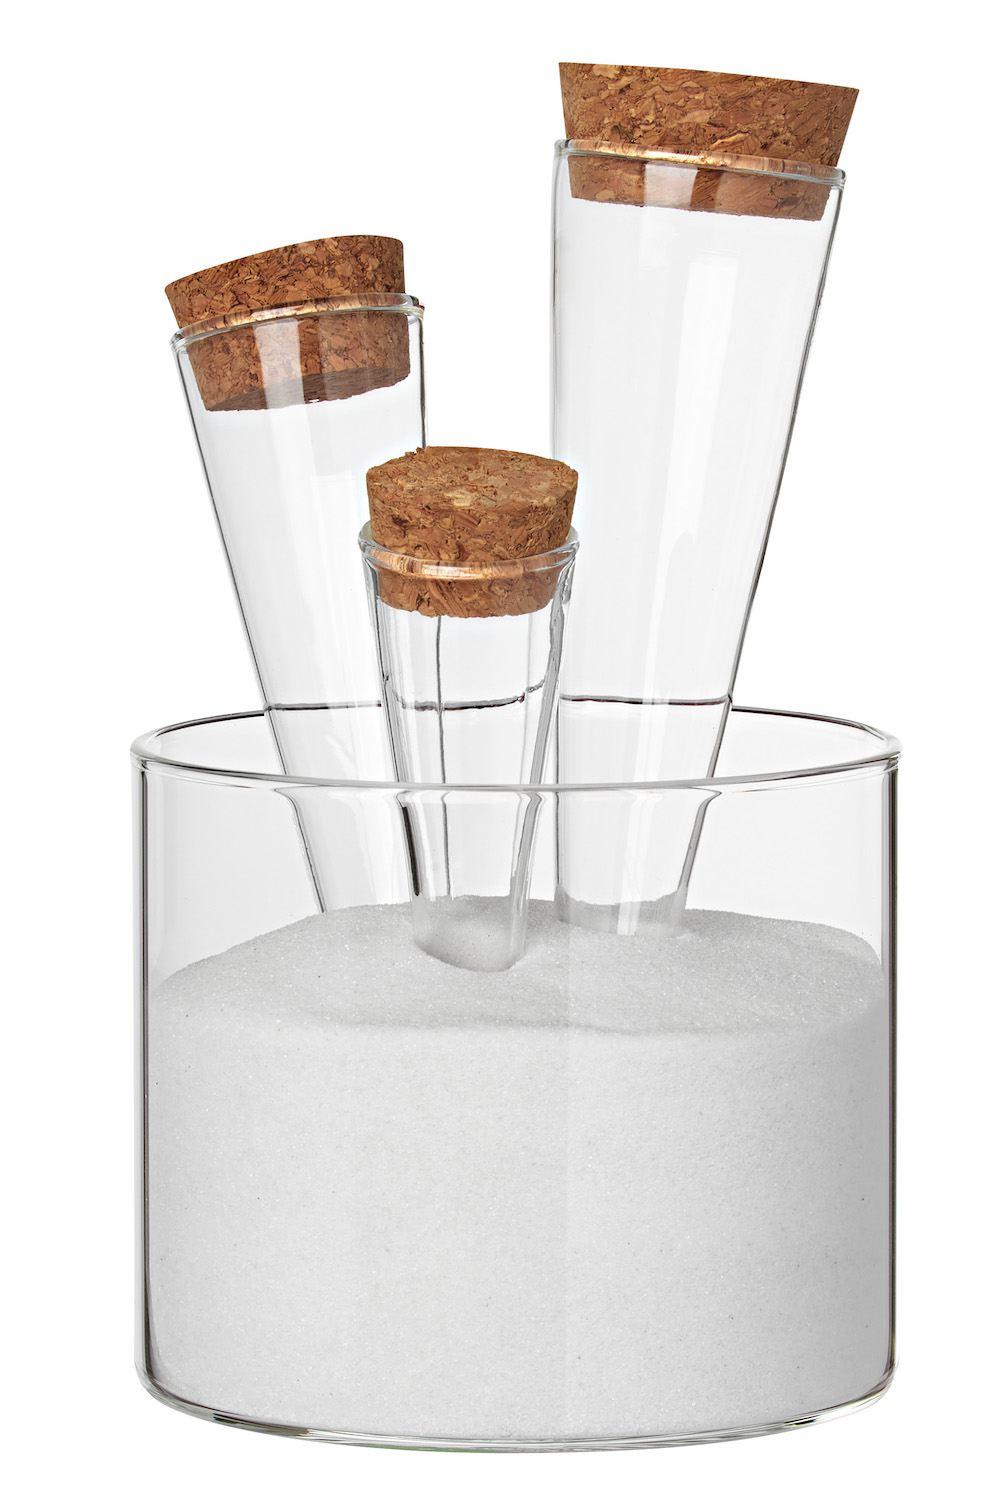 Endlich Sommer Sommersand Glasschale Gläser Sand Dekosand Dekoration